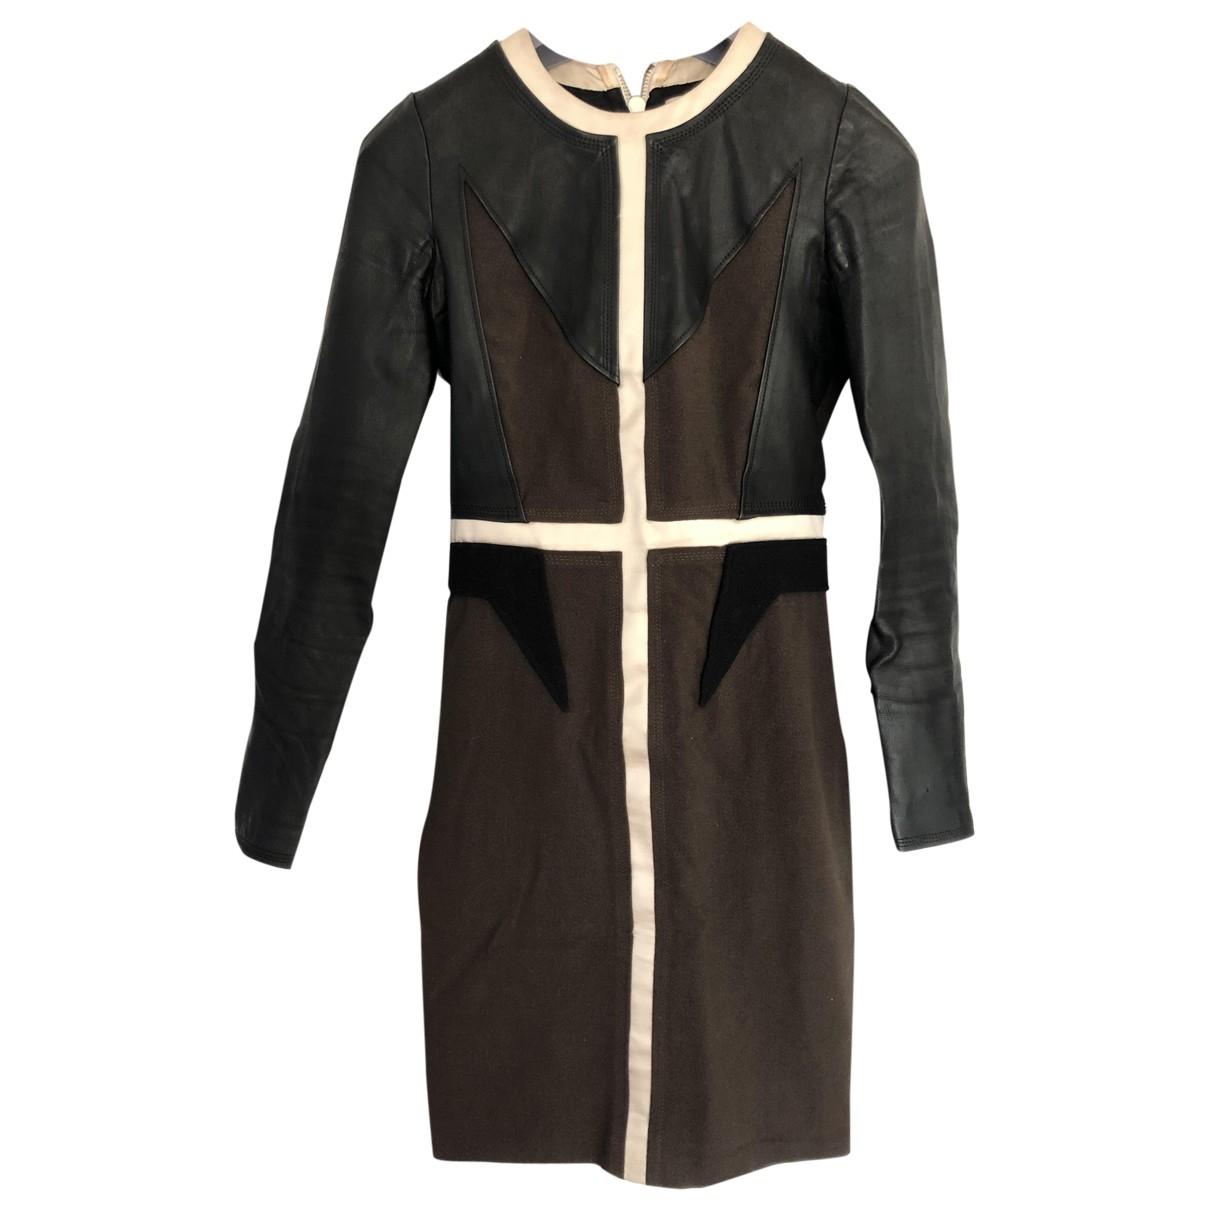 Givenchy \N Kleid in  Khaki Leder